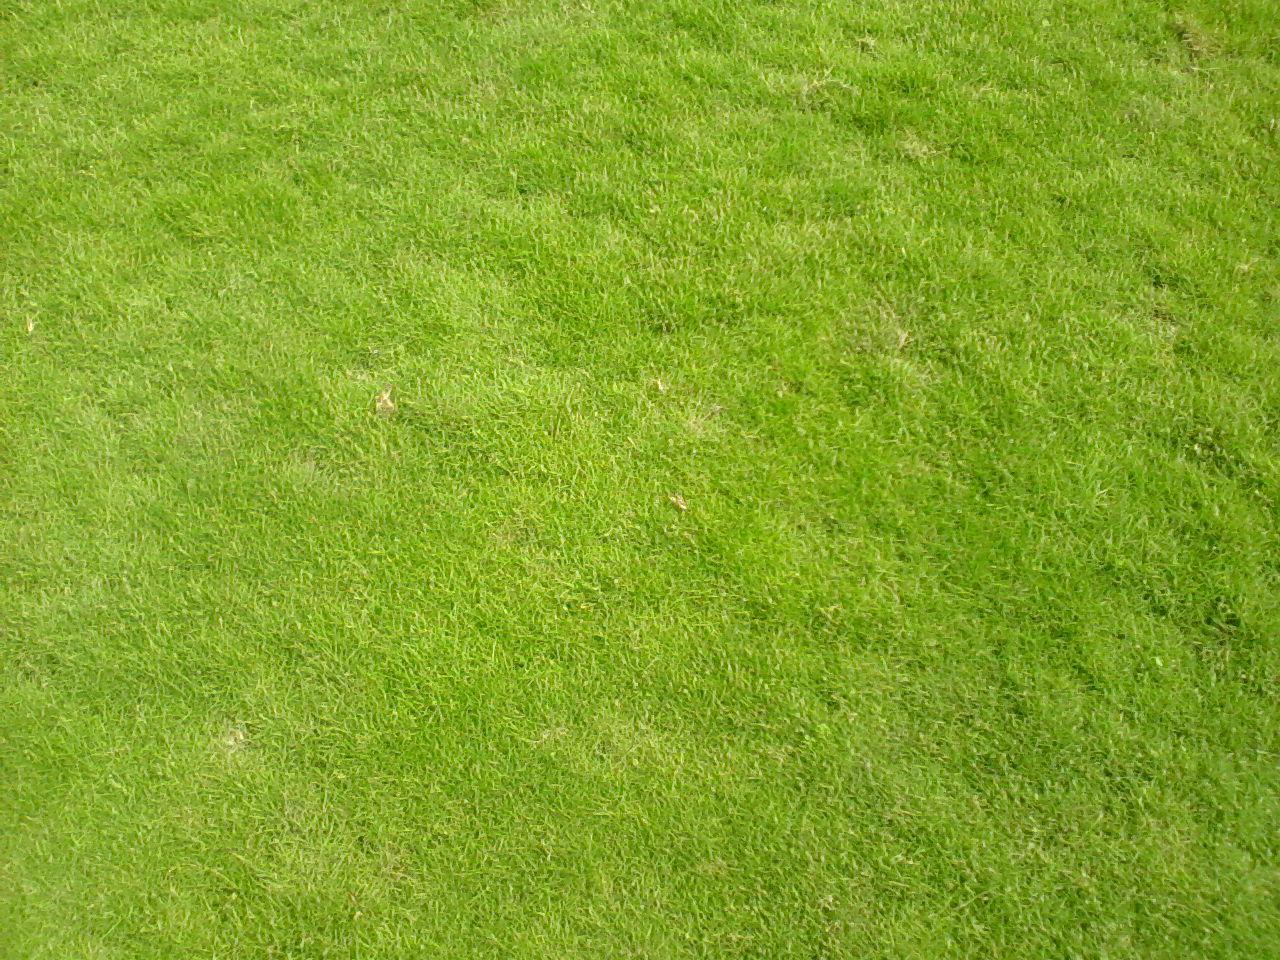 Ảnh có chứa cỏ, ngoài trời, cánh đồng, xanh lục  Mô tả được tạo tự động